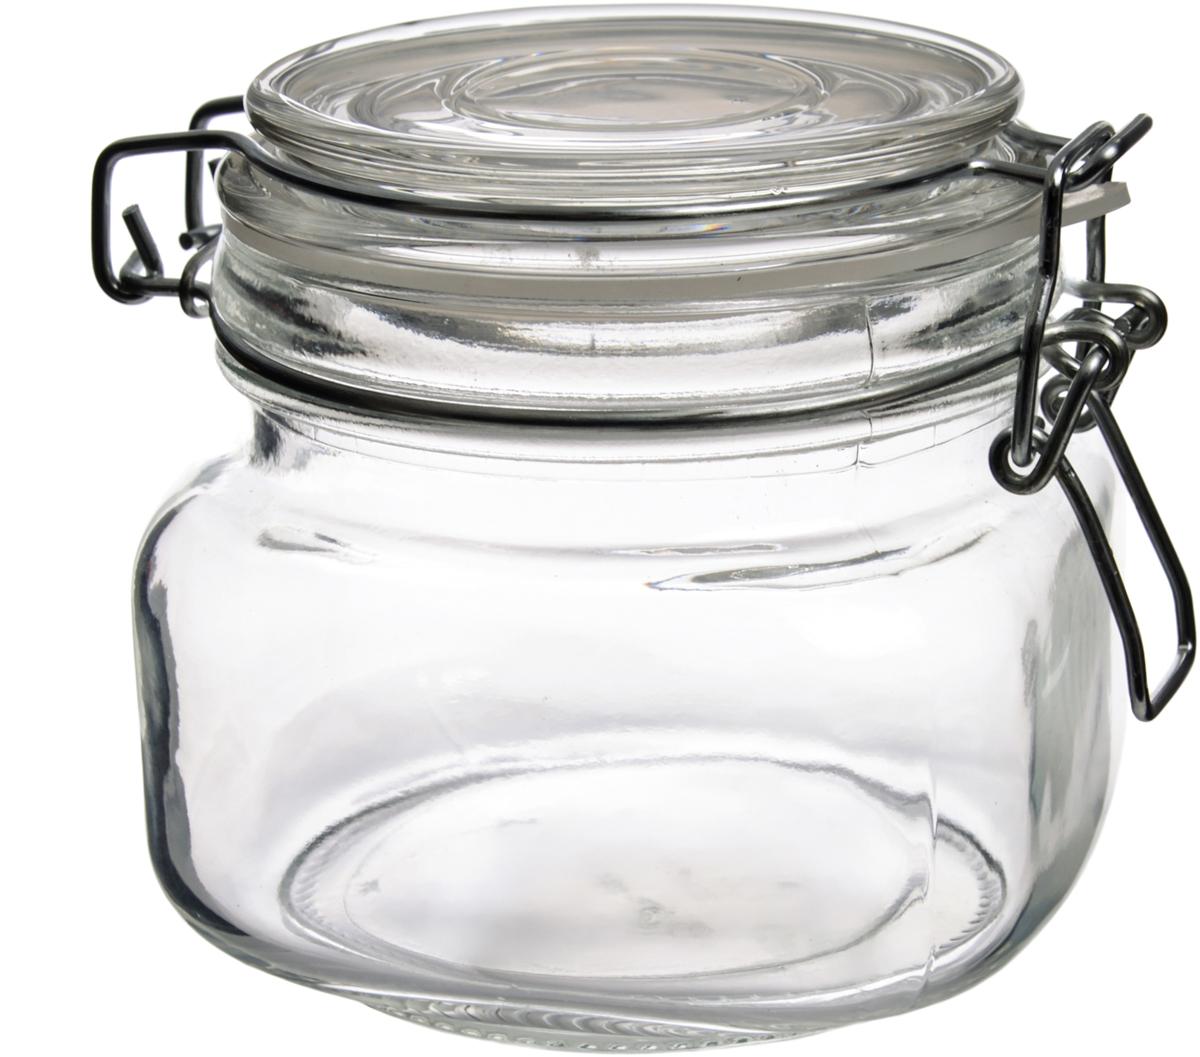 Банка для сыпучих продуктов Оптима,  млOMBY-630Стекло является инертным материалом, поэтому стеклянная упаковка является самой экологически чистой как для жидких, так и для сыпучих продуктов. В бытовом смысле требования к стеклянной посуде достаточно просты: если это емкость для сыпучих или банка для консервирования, она должна быть удобной по форме, гладкой, прозрачной, прочной и хорошо закрываться. Банки имеют металлические закручивающиеся крышки либо стеклянные крышки с бугельным замком, обеспечивающим максимальное соединение крышки с банкой. Уплотнительная пластиковая вставка защитит стекло от сколов и усилит вакуумный эффект.Изделия из стекла без металлических деталей можно использовать в СВЧ и мыть в ПММ. Декорированную посуду желательно мыть вручную, без применения агрессивных моющих средств и жесткой фибры или абразива, могущих поцарапать стекло.